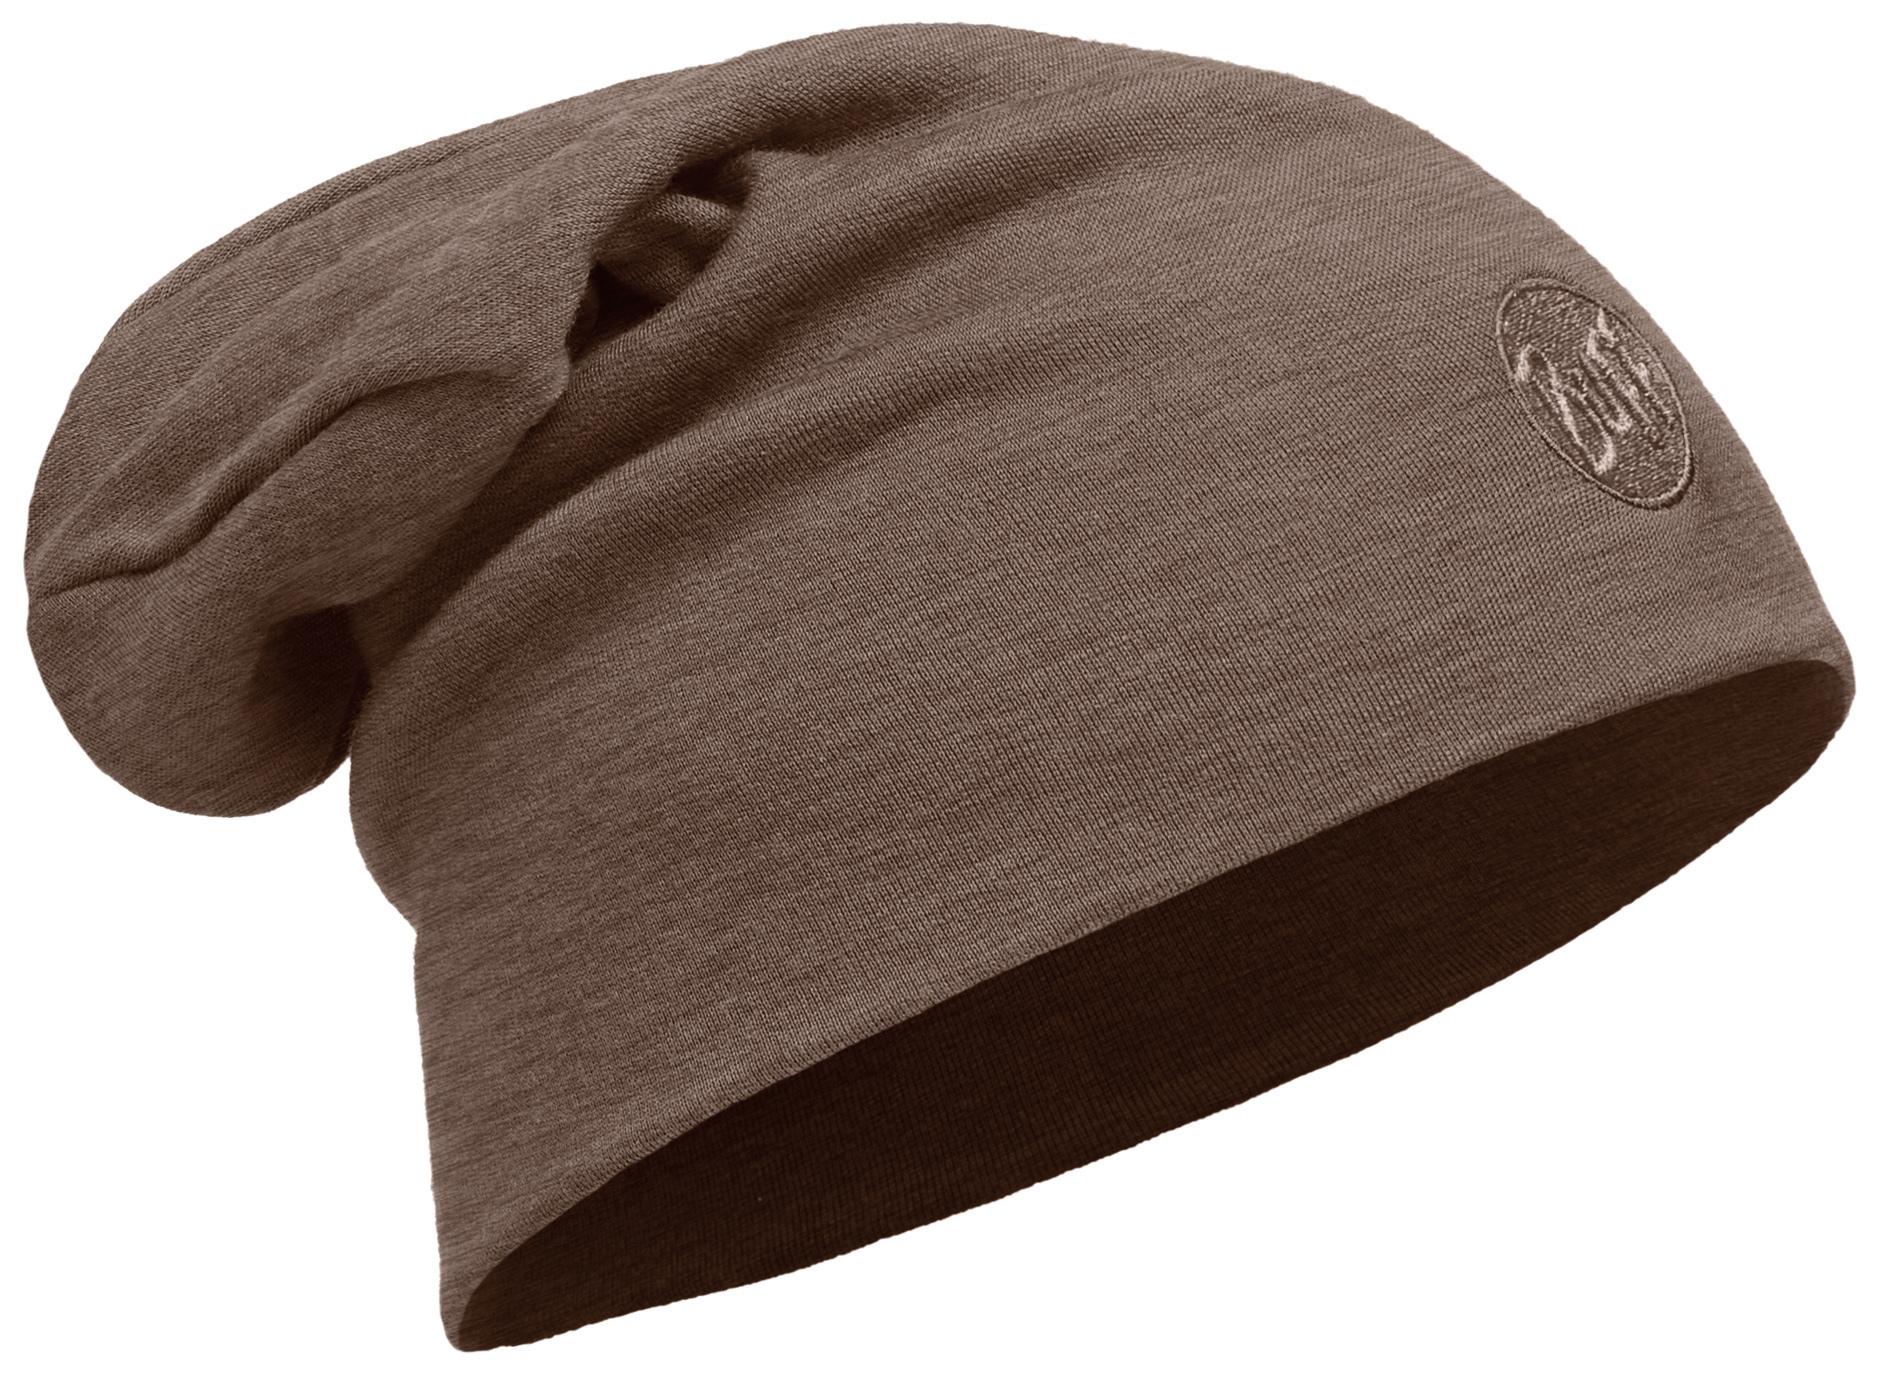 Шерстяные шапки Теплая шерстяная шапка-бини Buff Solid Walnut Brown 111170.327.10.00.jpg